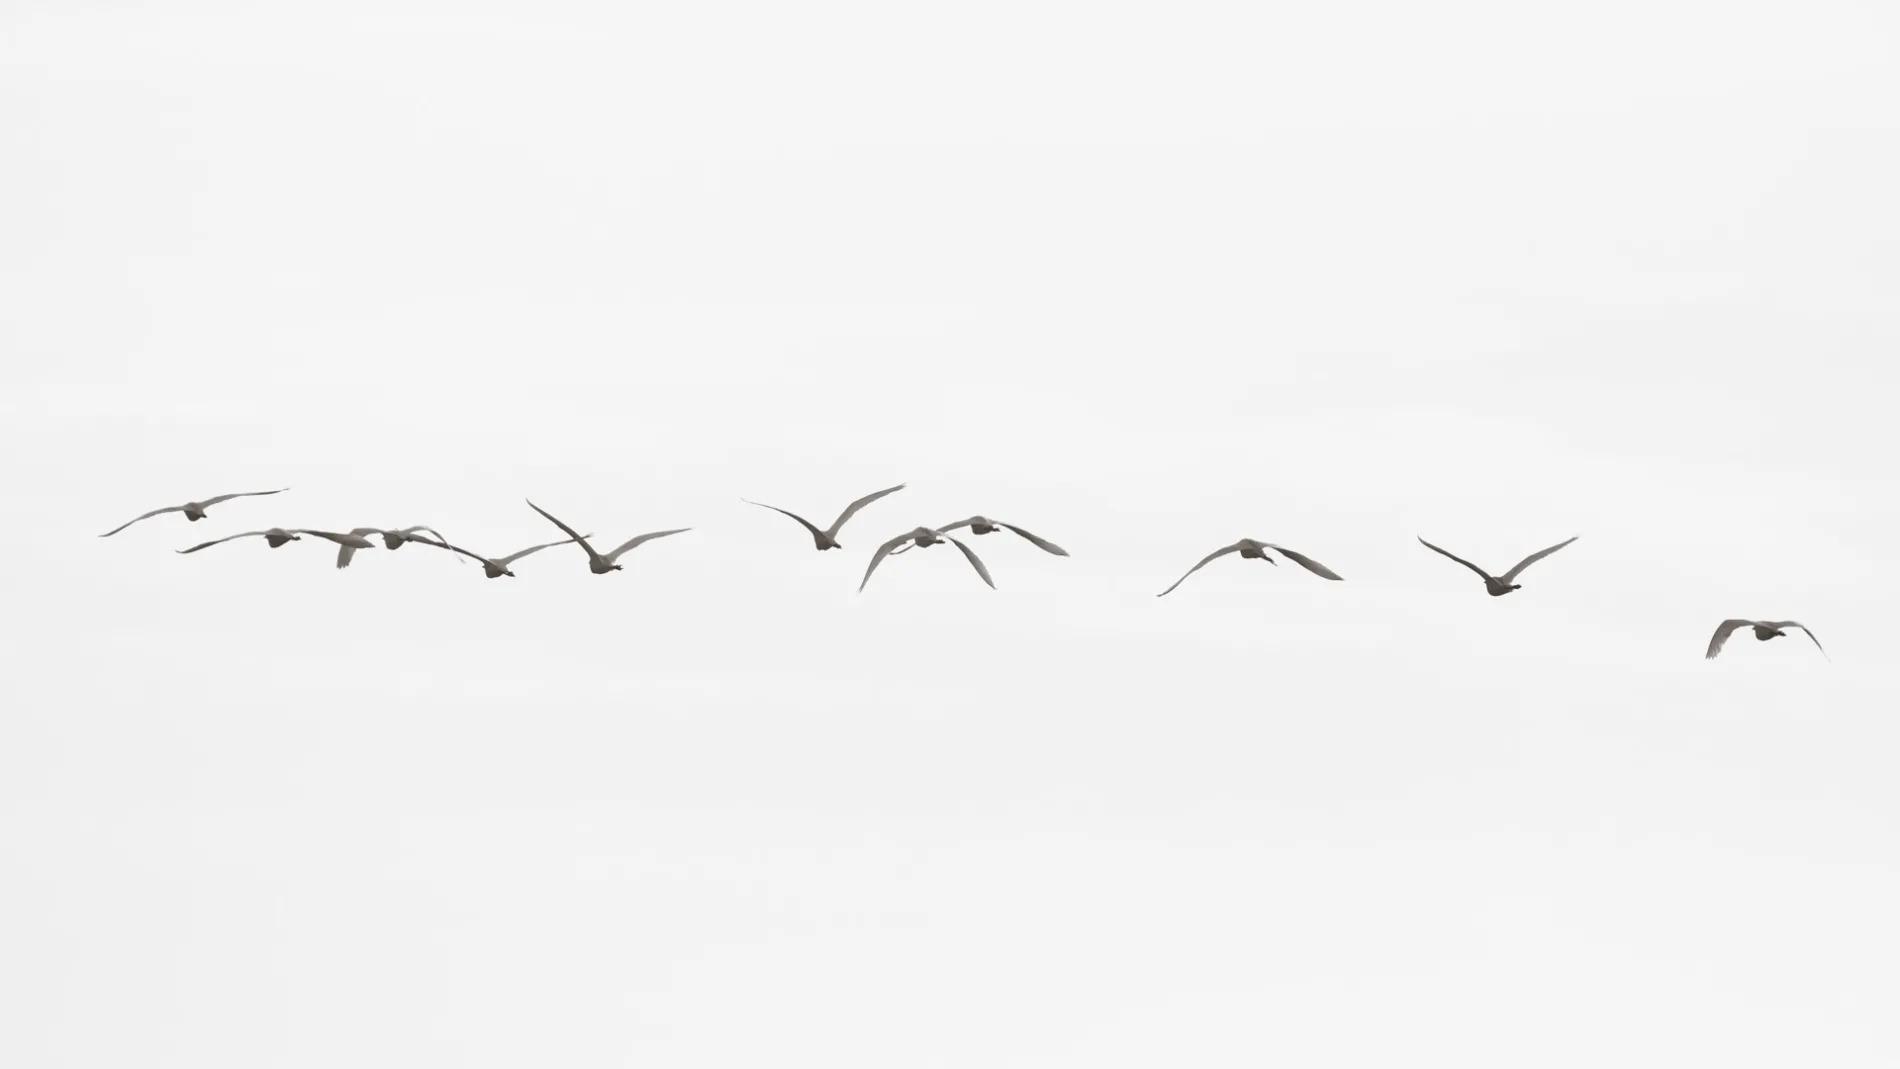 Birds in flight in smoke